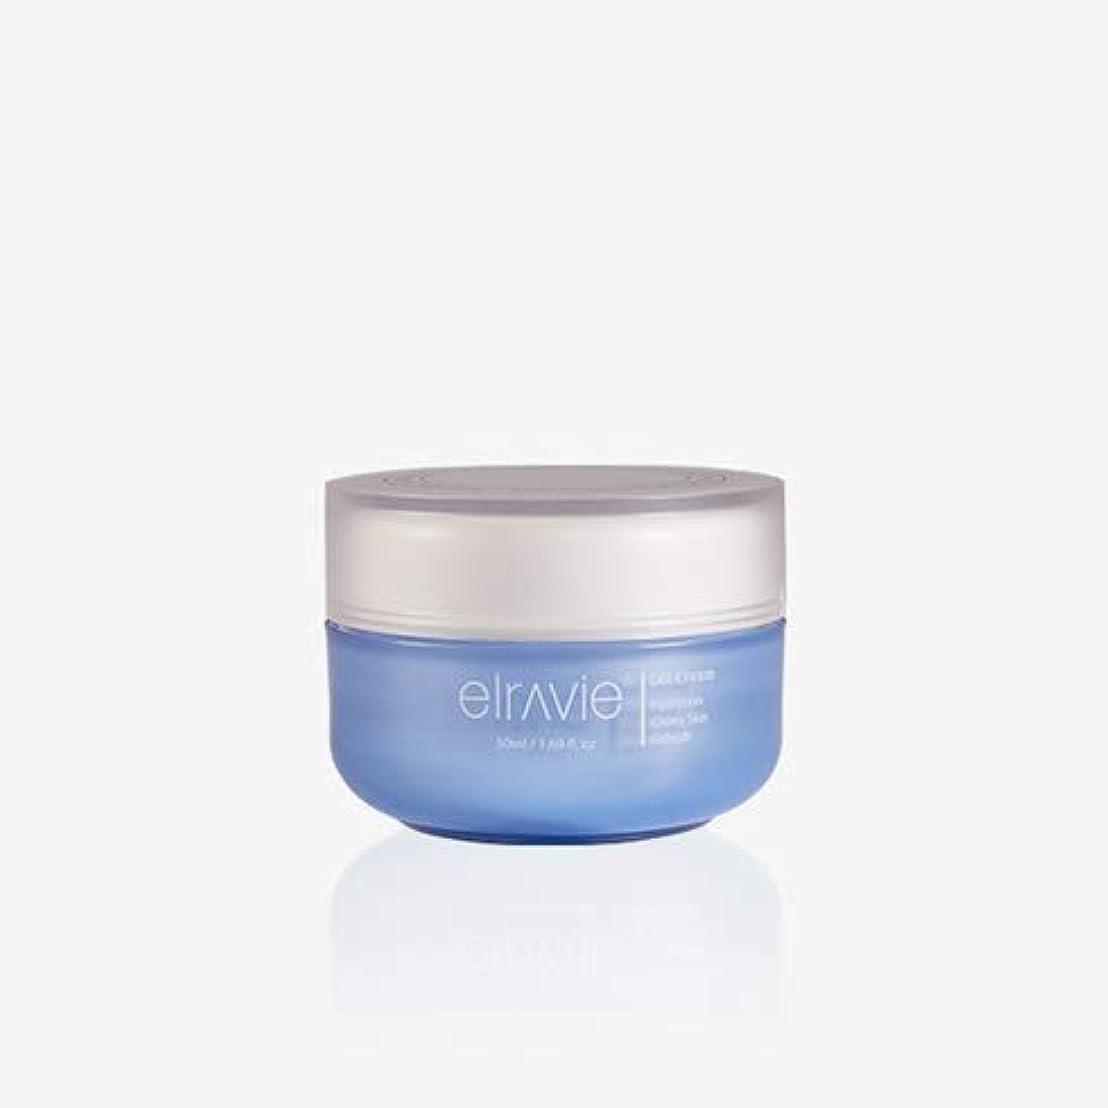 まっすぐむしろ無人エラヴィー[Elravie] ダーマハイドロエクステンデッドハイジェルクリーム50ml / Derma Hydro Extended Hyal Gel Cream